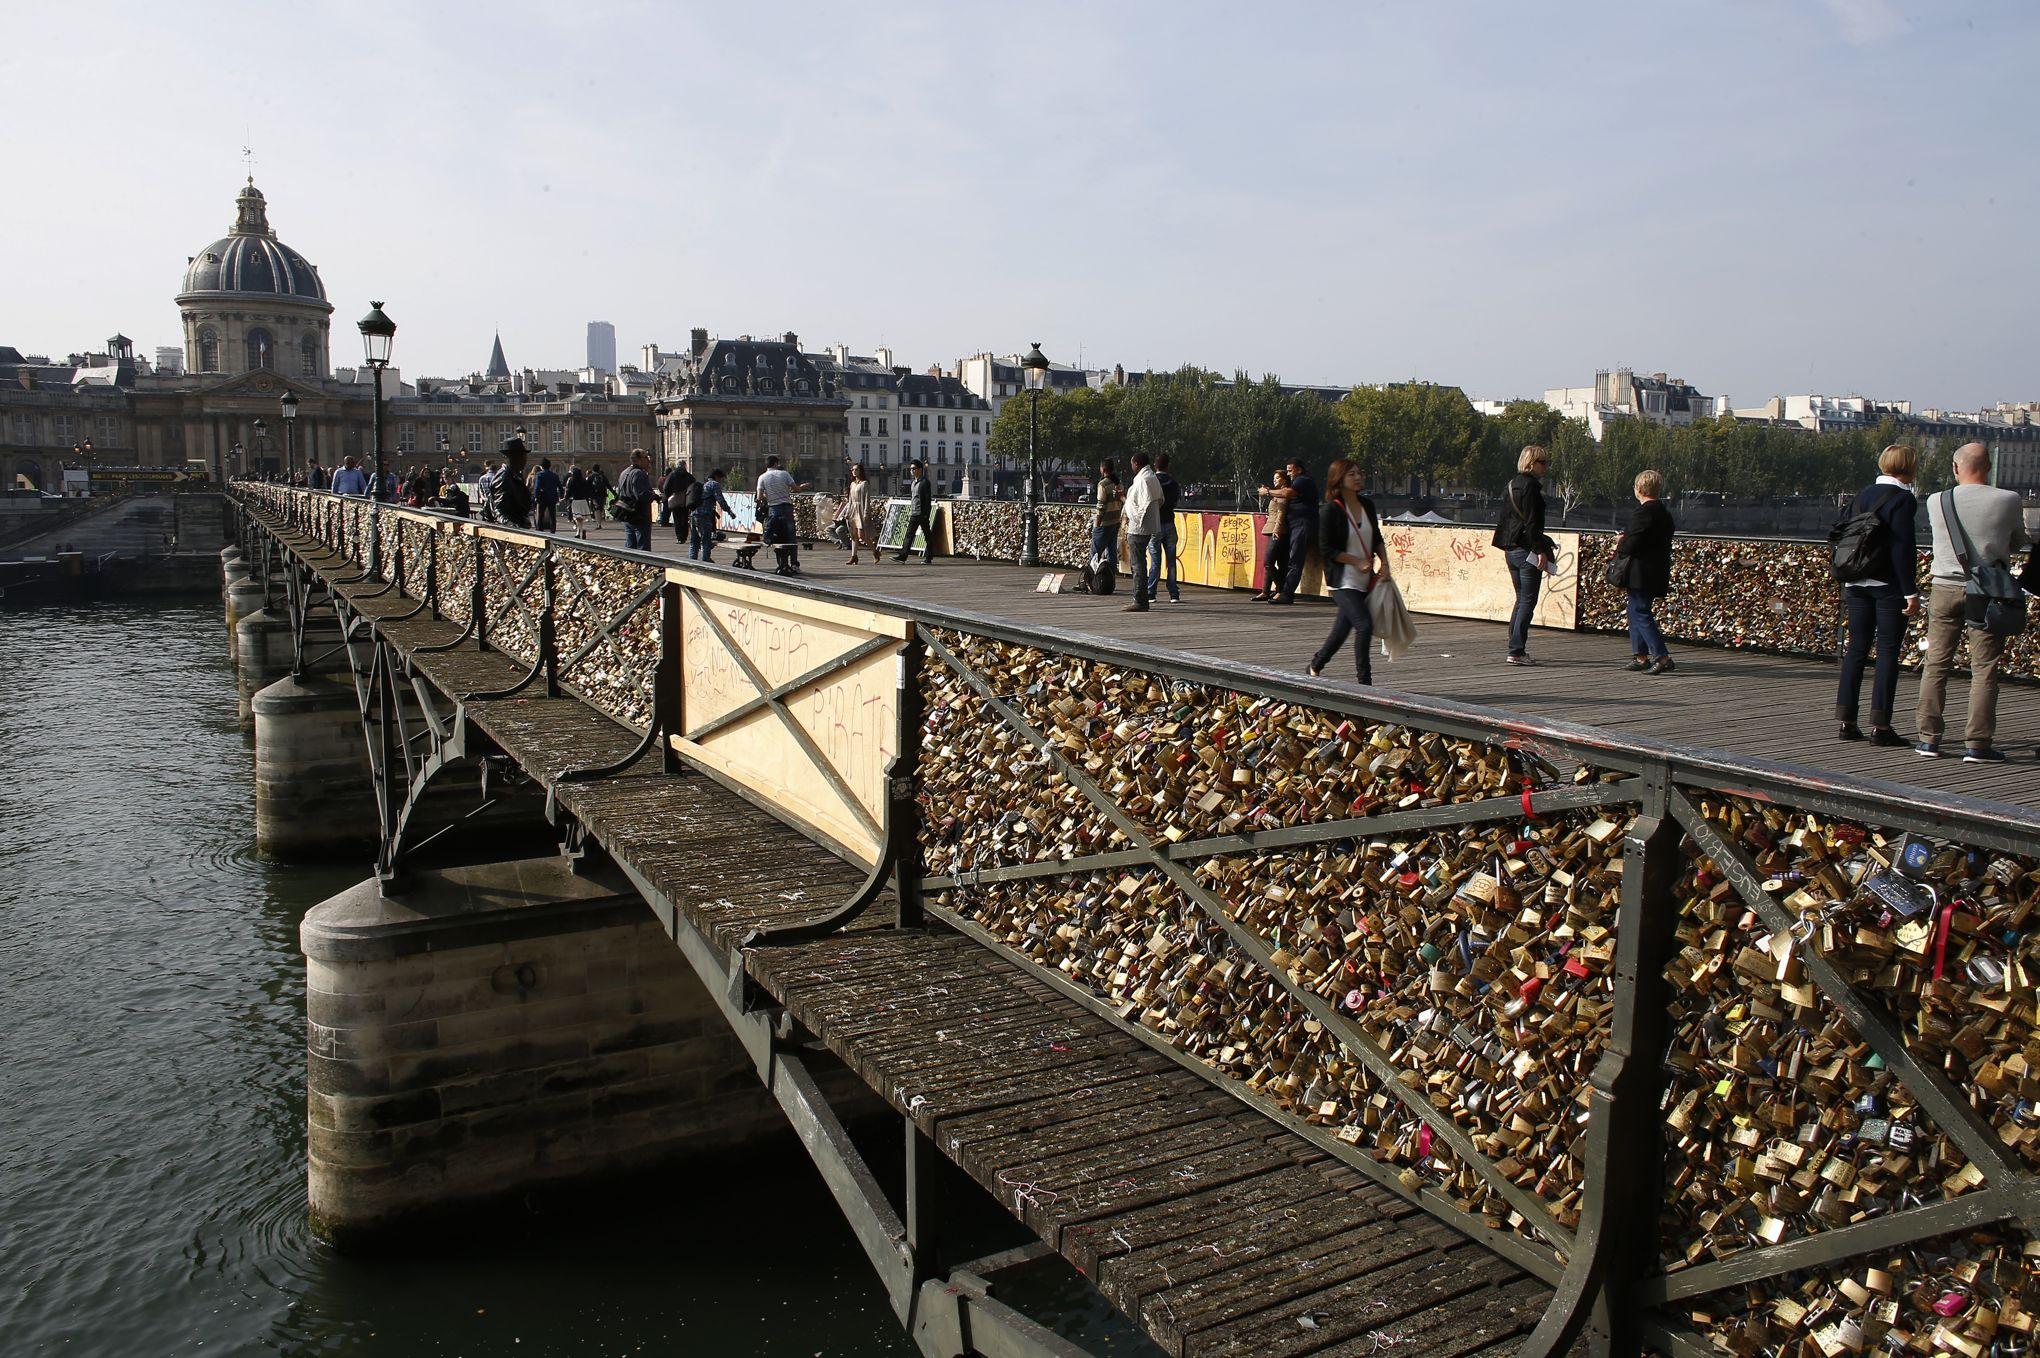 Paris les cadenas du pont des arts bient t retir s - Pont des cadenas paris adresse ...